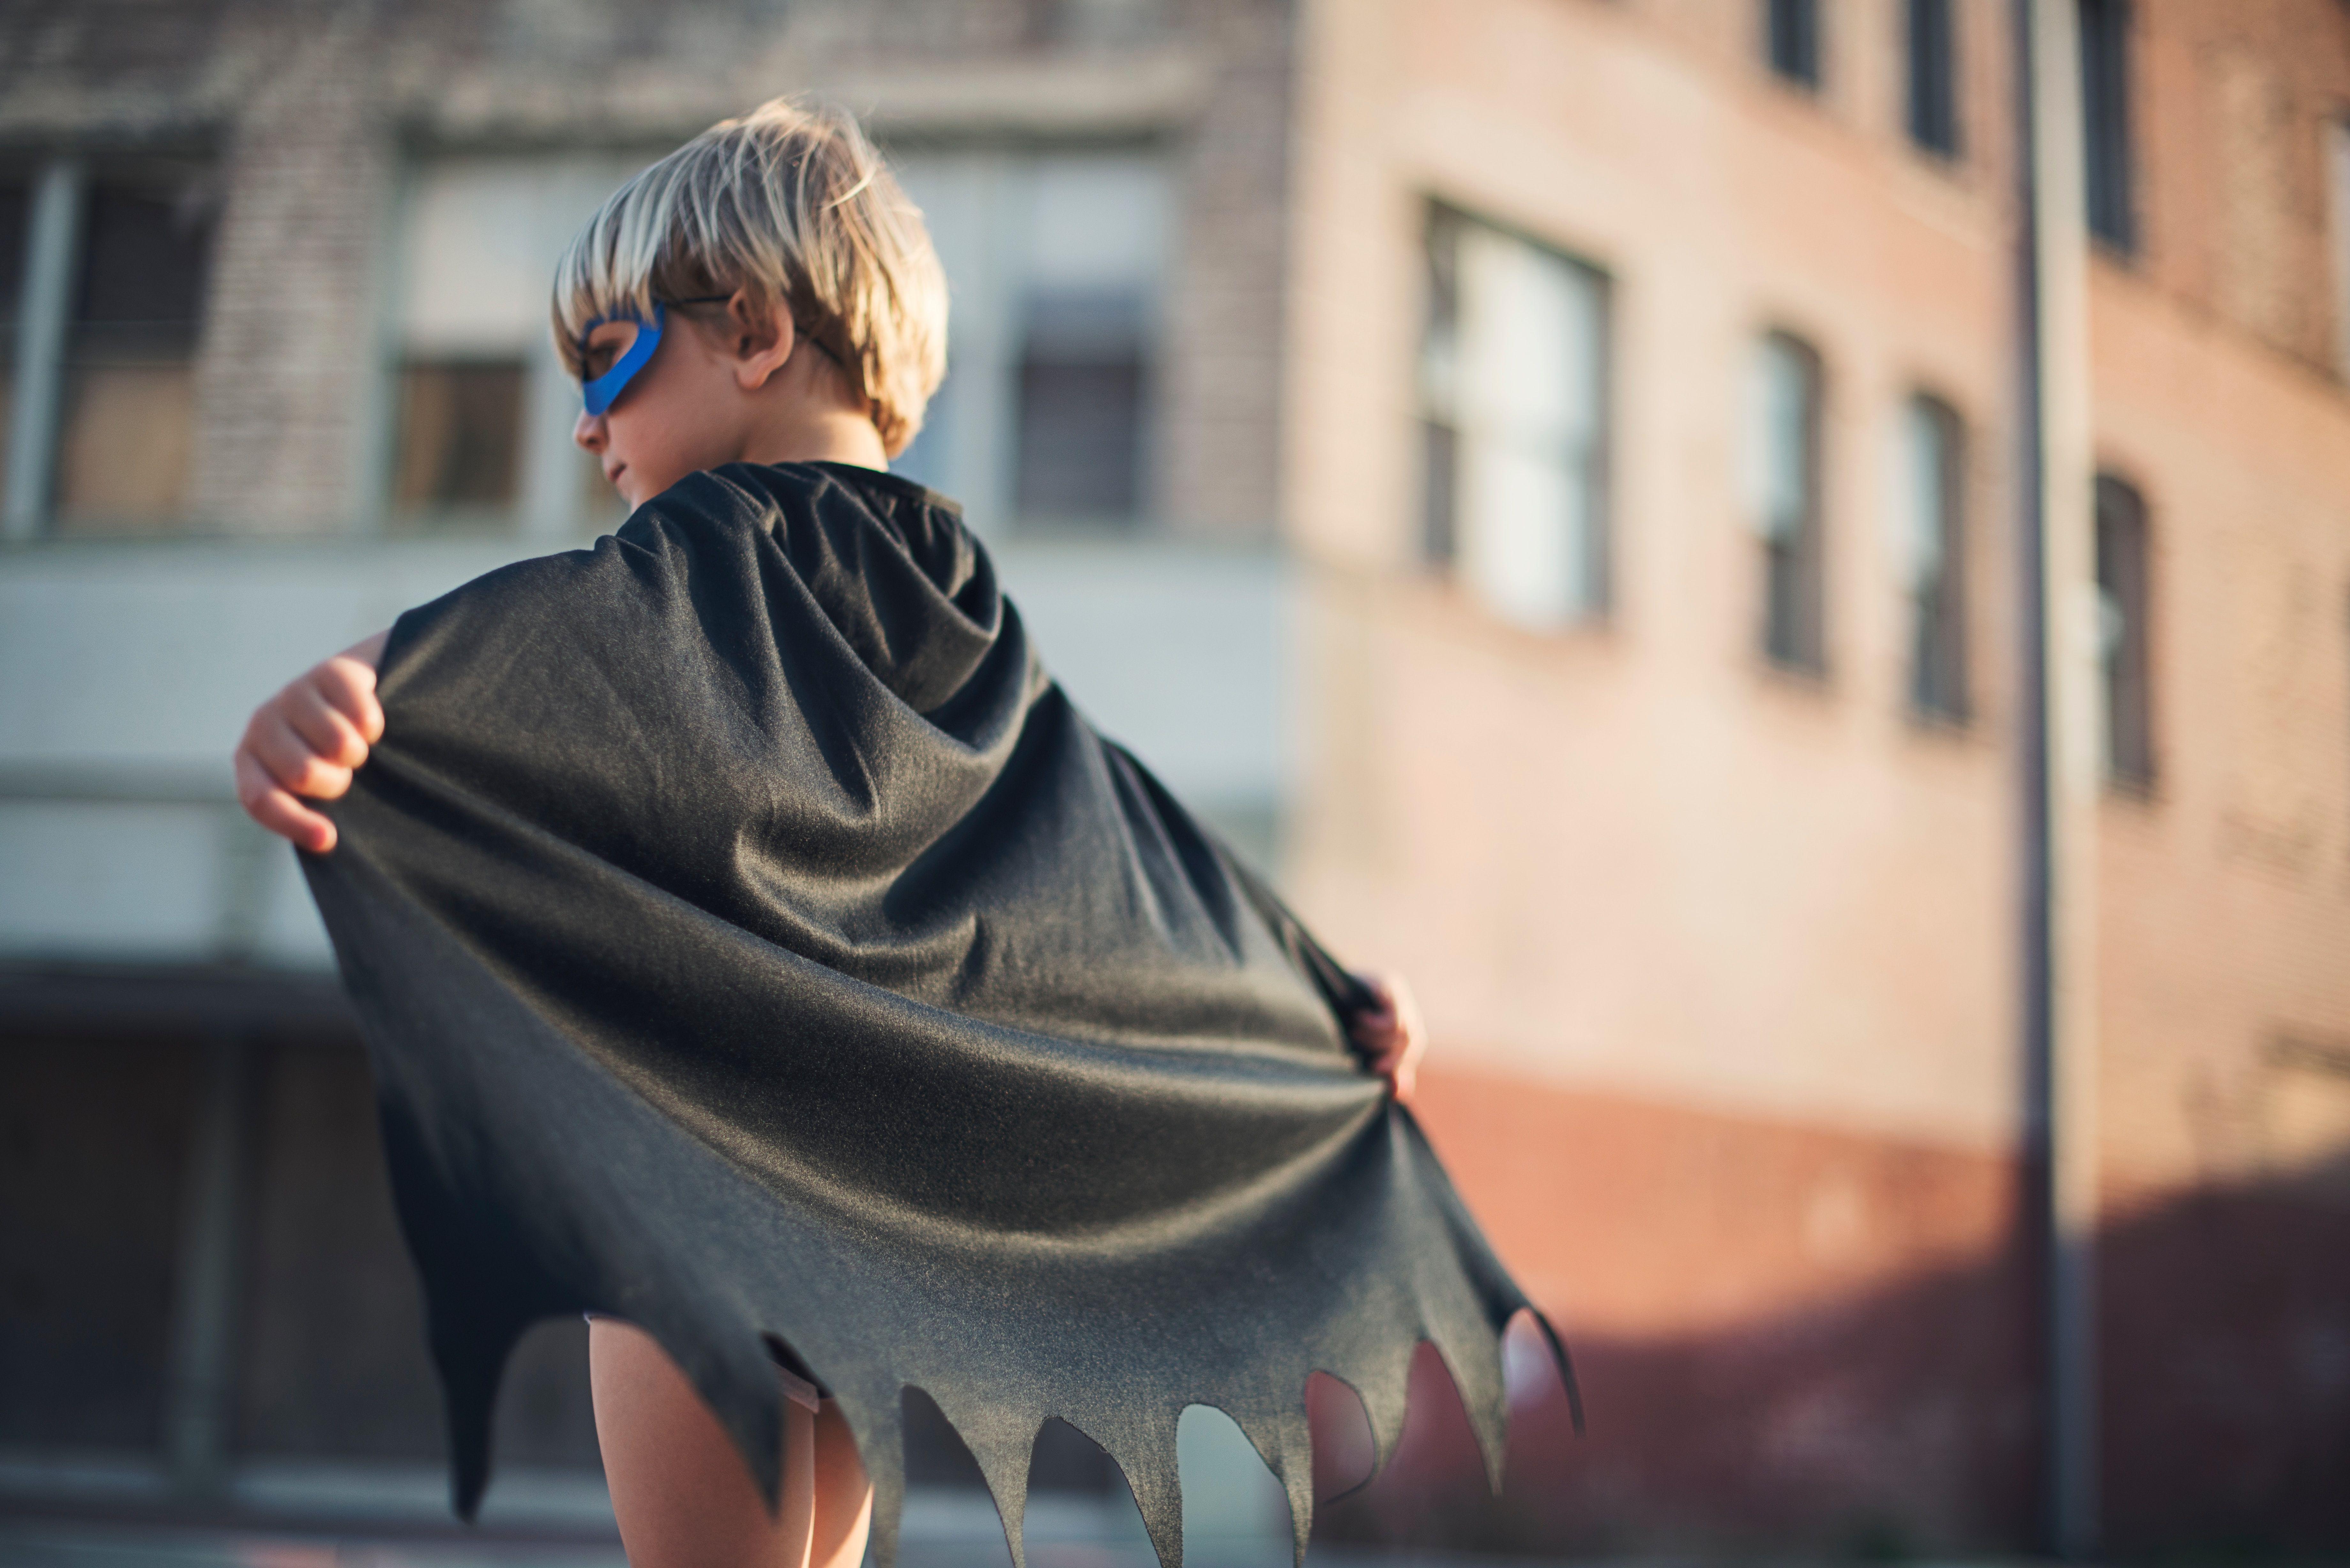 Pin By Shirley On Halloween Store Superhero Hero Super Powers